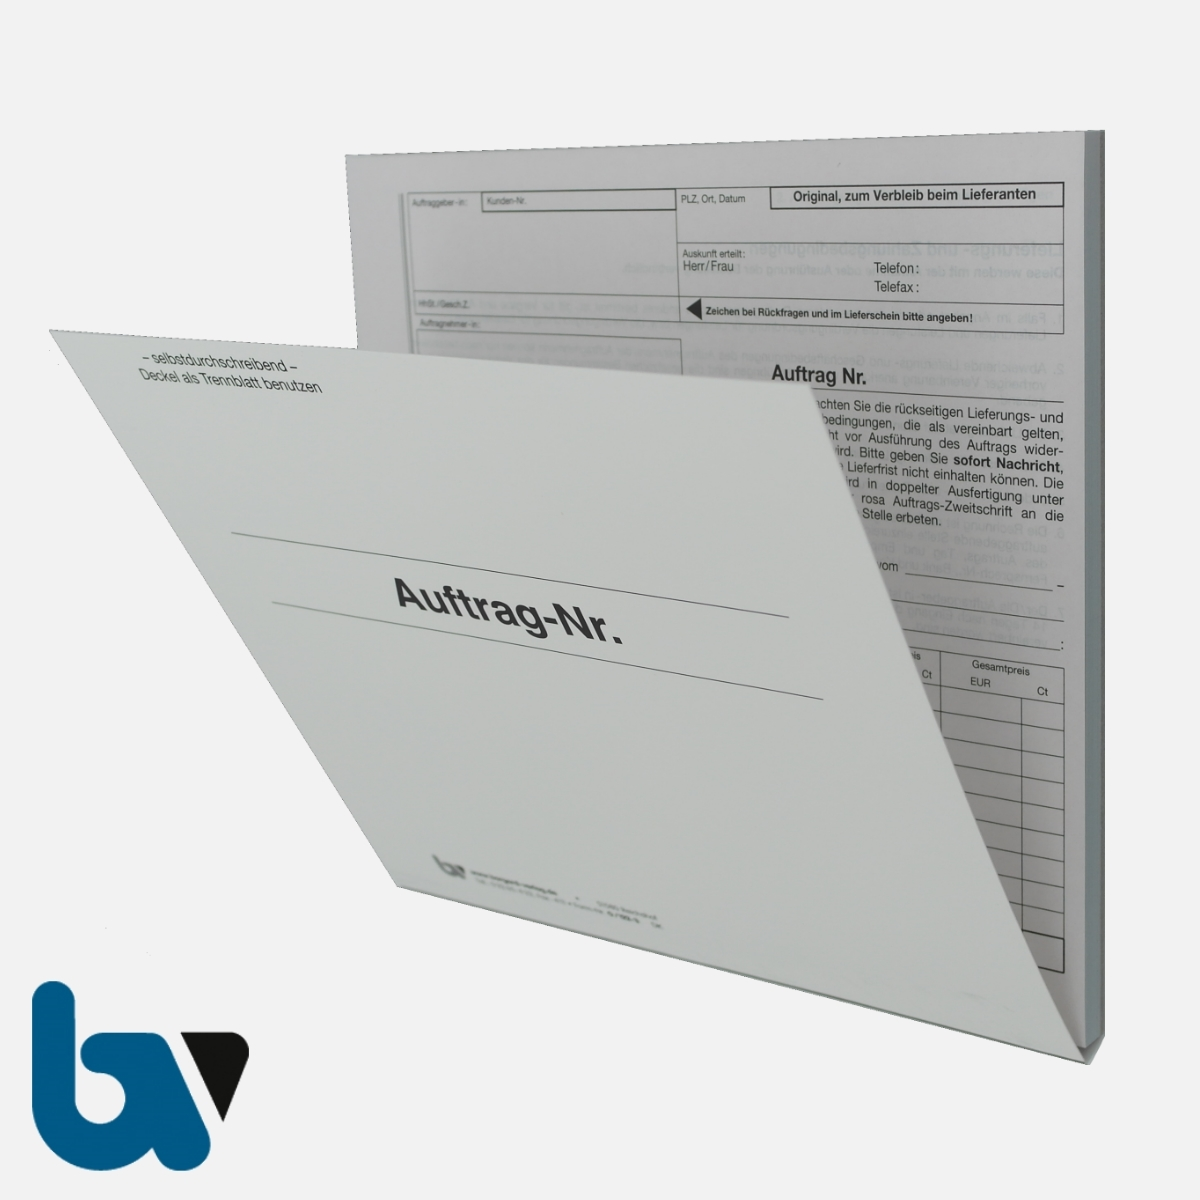 0/122-3 Auftrag Lieferung Zahlungsbedingung Verfügung selbstdurchschreibend Einschlagdeckel DIN 20 21 3-fach VS | Borgard Verlag GmbH